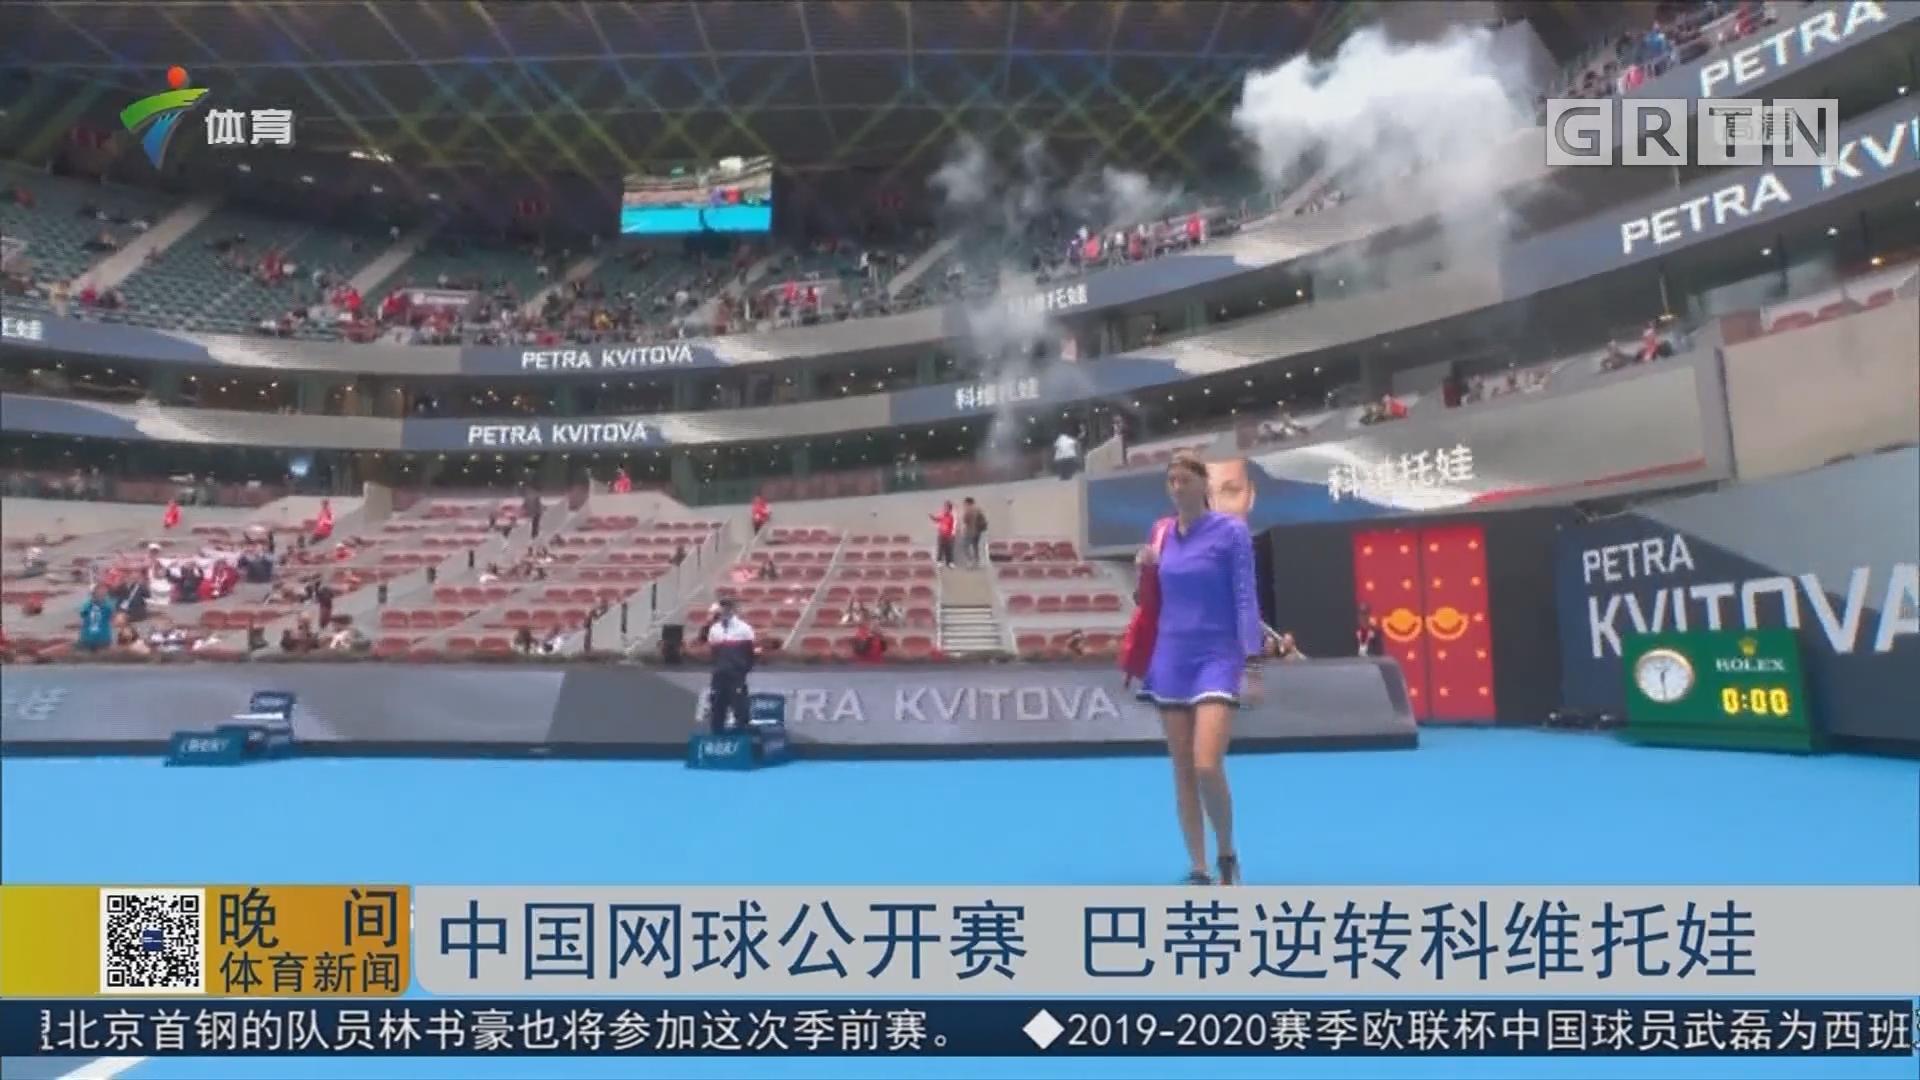 中國網球公開賽 巴蒂逆轉科維托娃